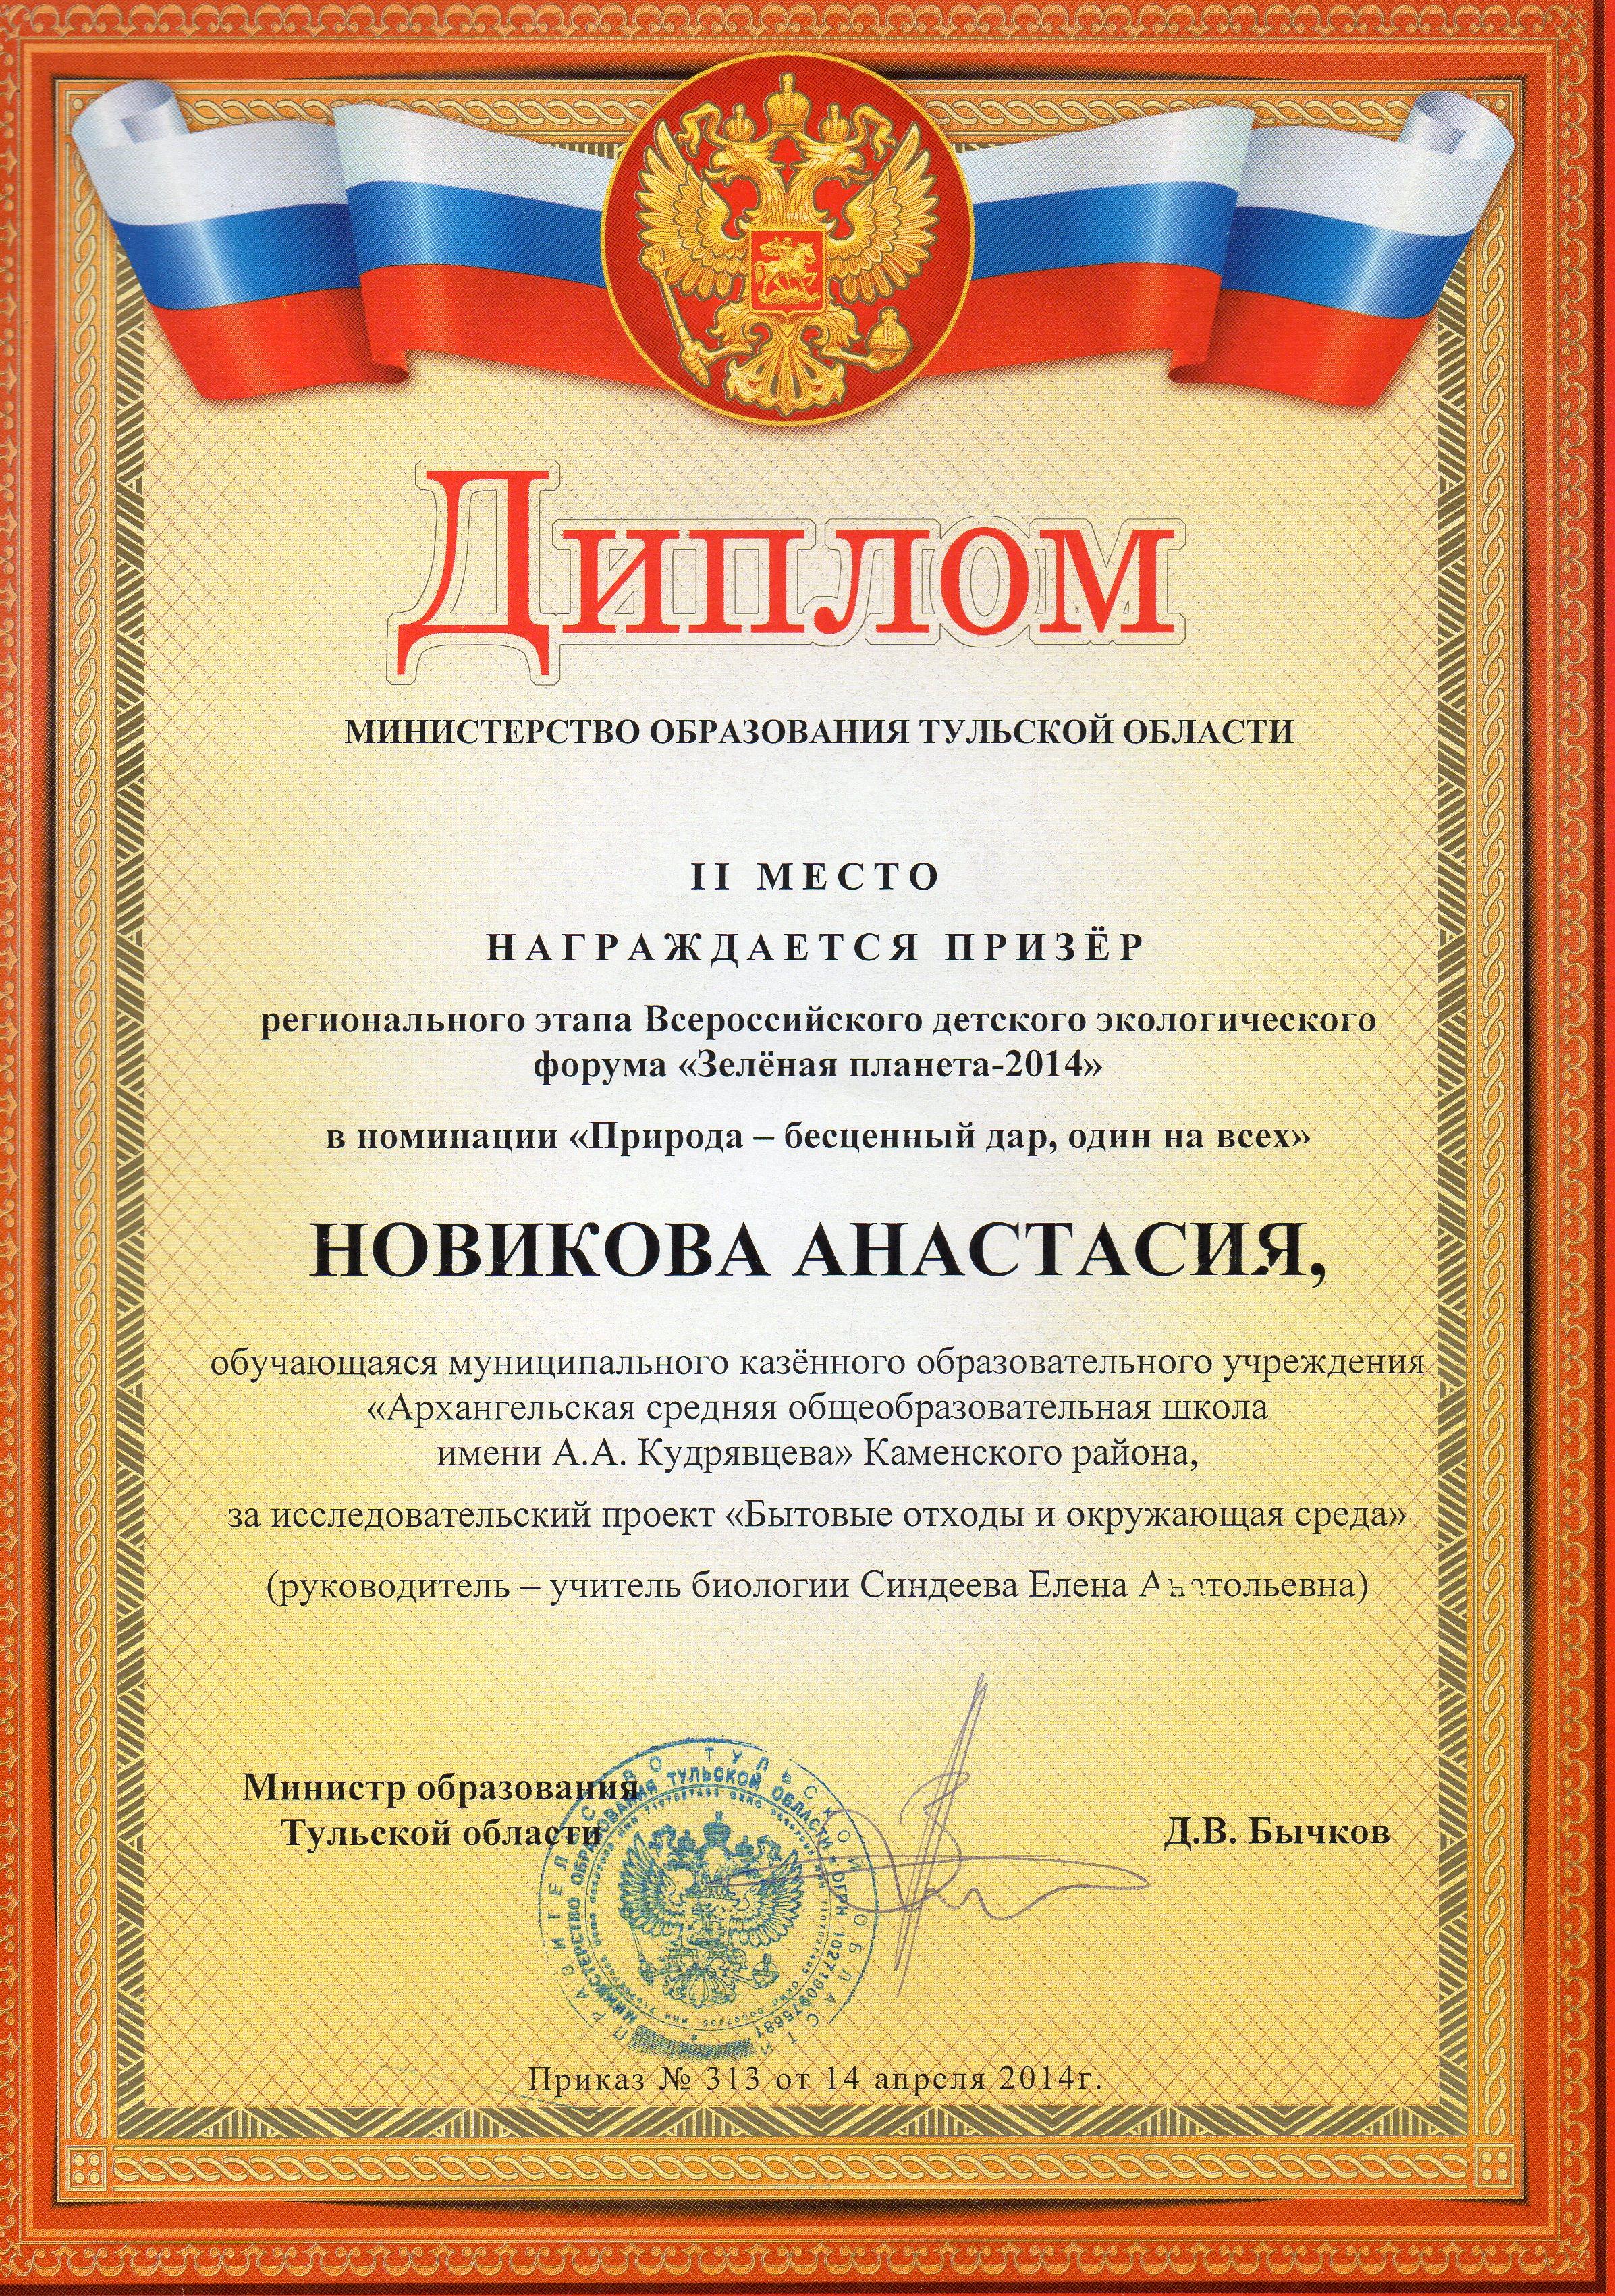 Итоги всероссийского конкурса зеленая